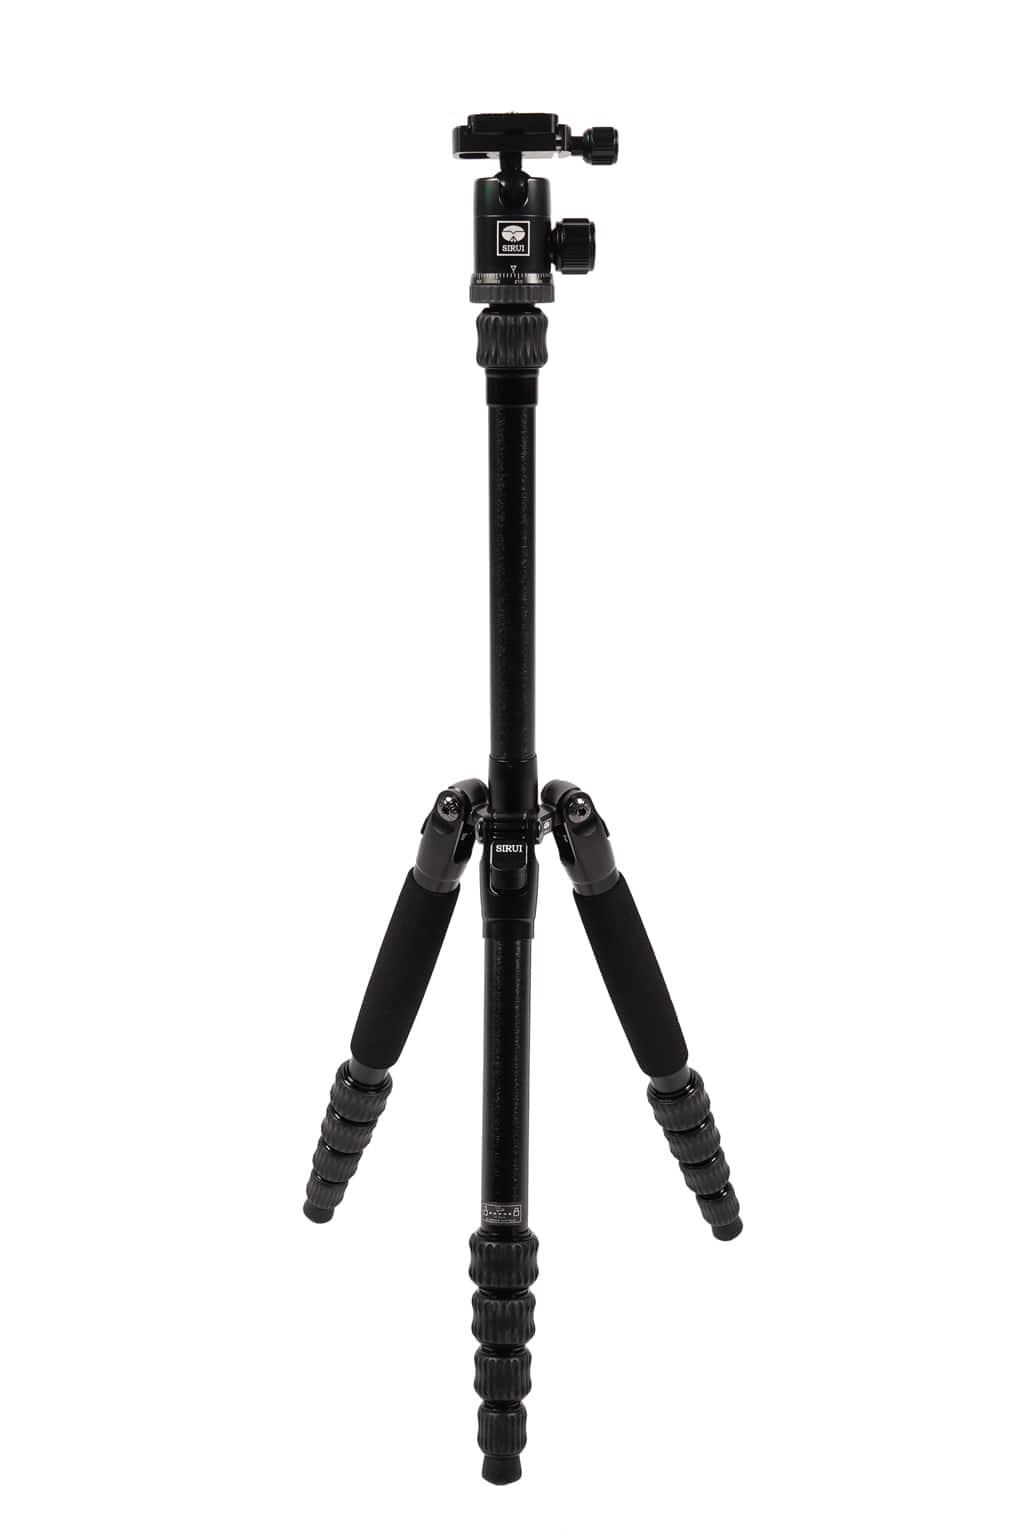 SIRUI Traveler 7C Reise-Dreibeinstativ Carbon schwarz mit Kugelkopf